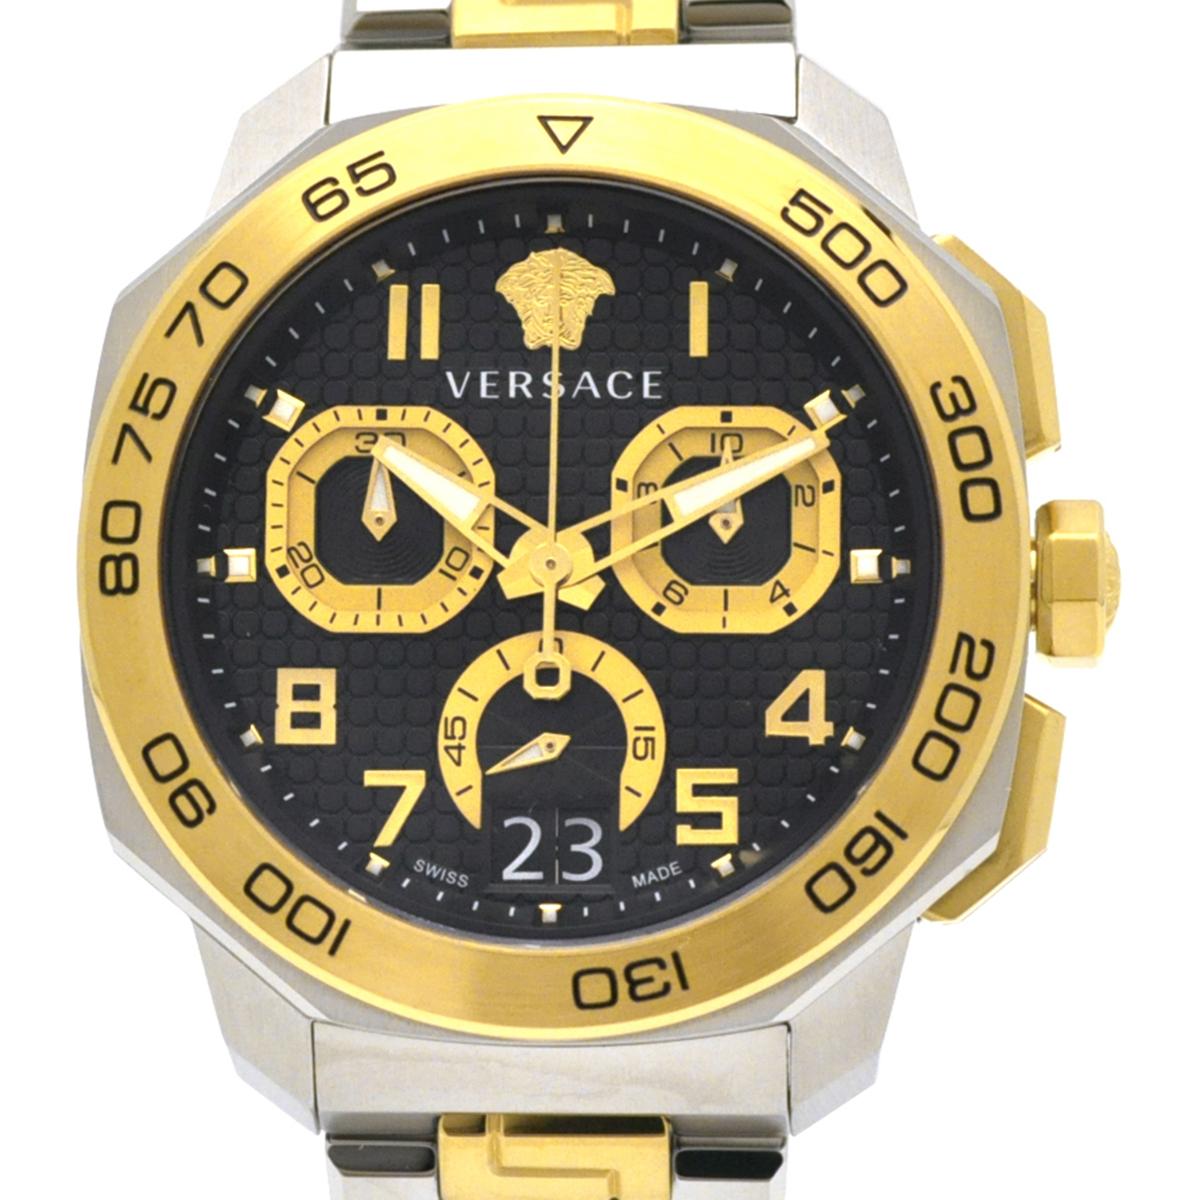 【残り1点】Versace ヴェルサーチ 電池式クォーツ 腕時計 [VQC100016] 並行輸入品  デイト カレンダー クロノグラフ